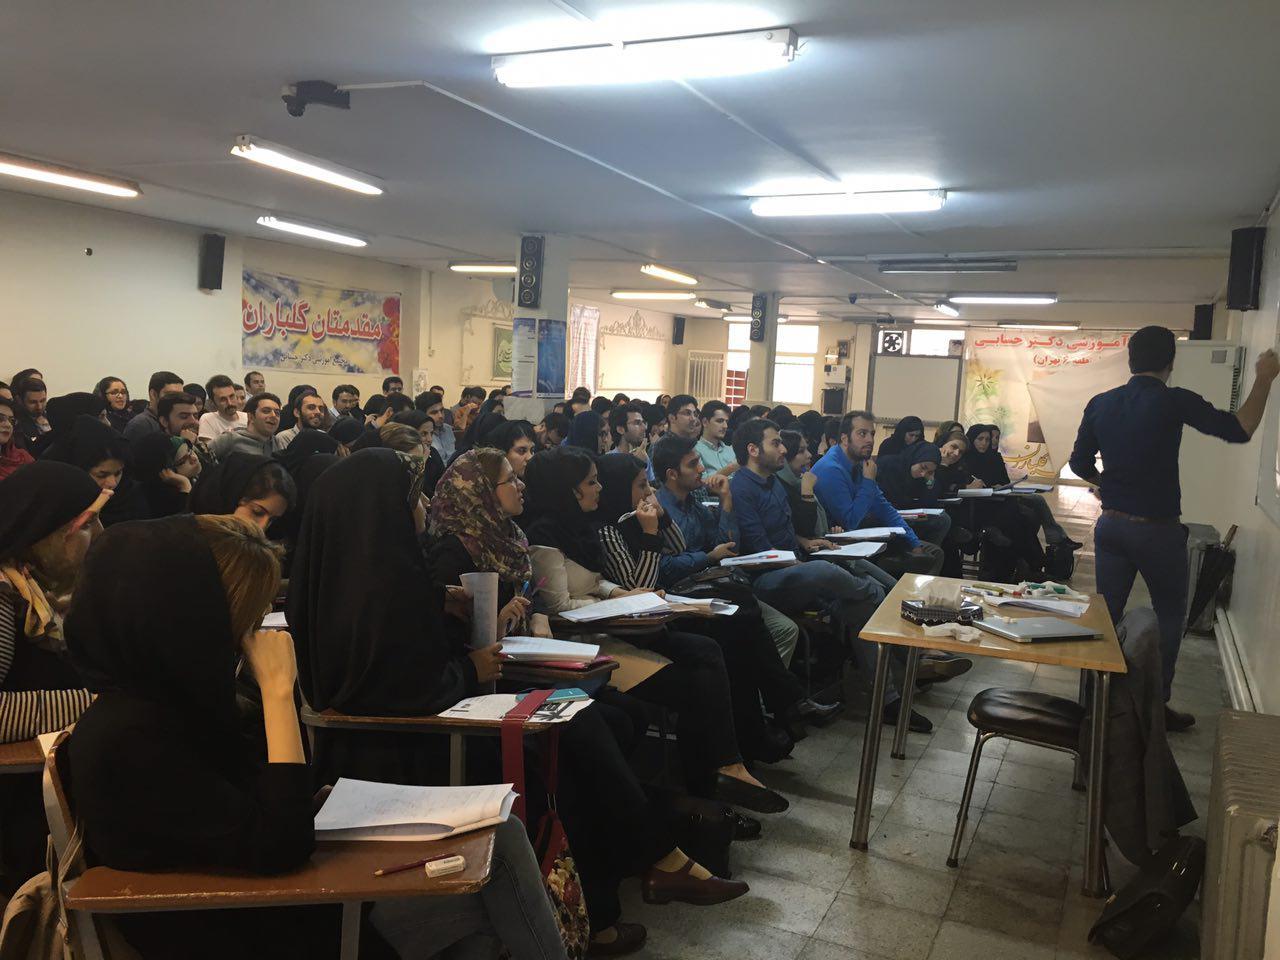 برنامه کلاس های تئوری مدیریت و مدیریت اسلام